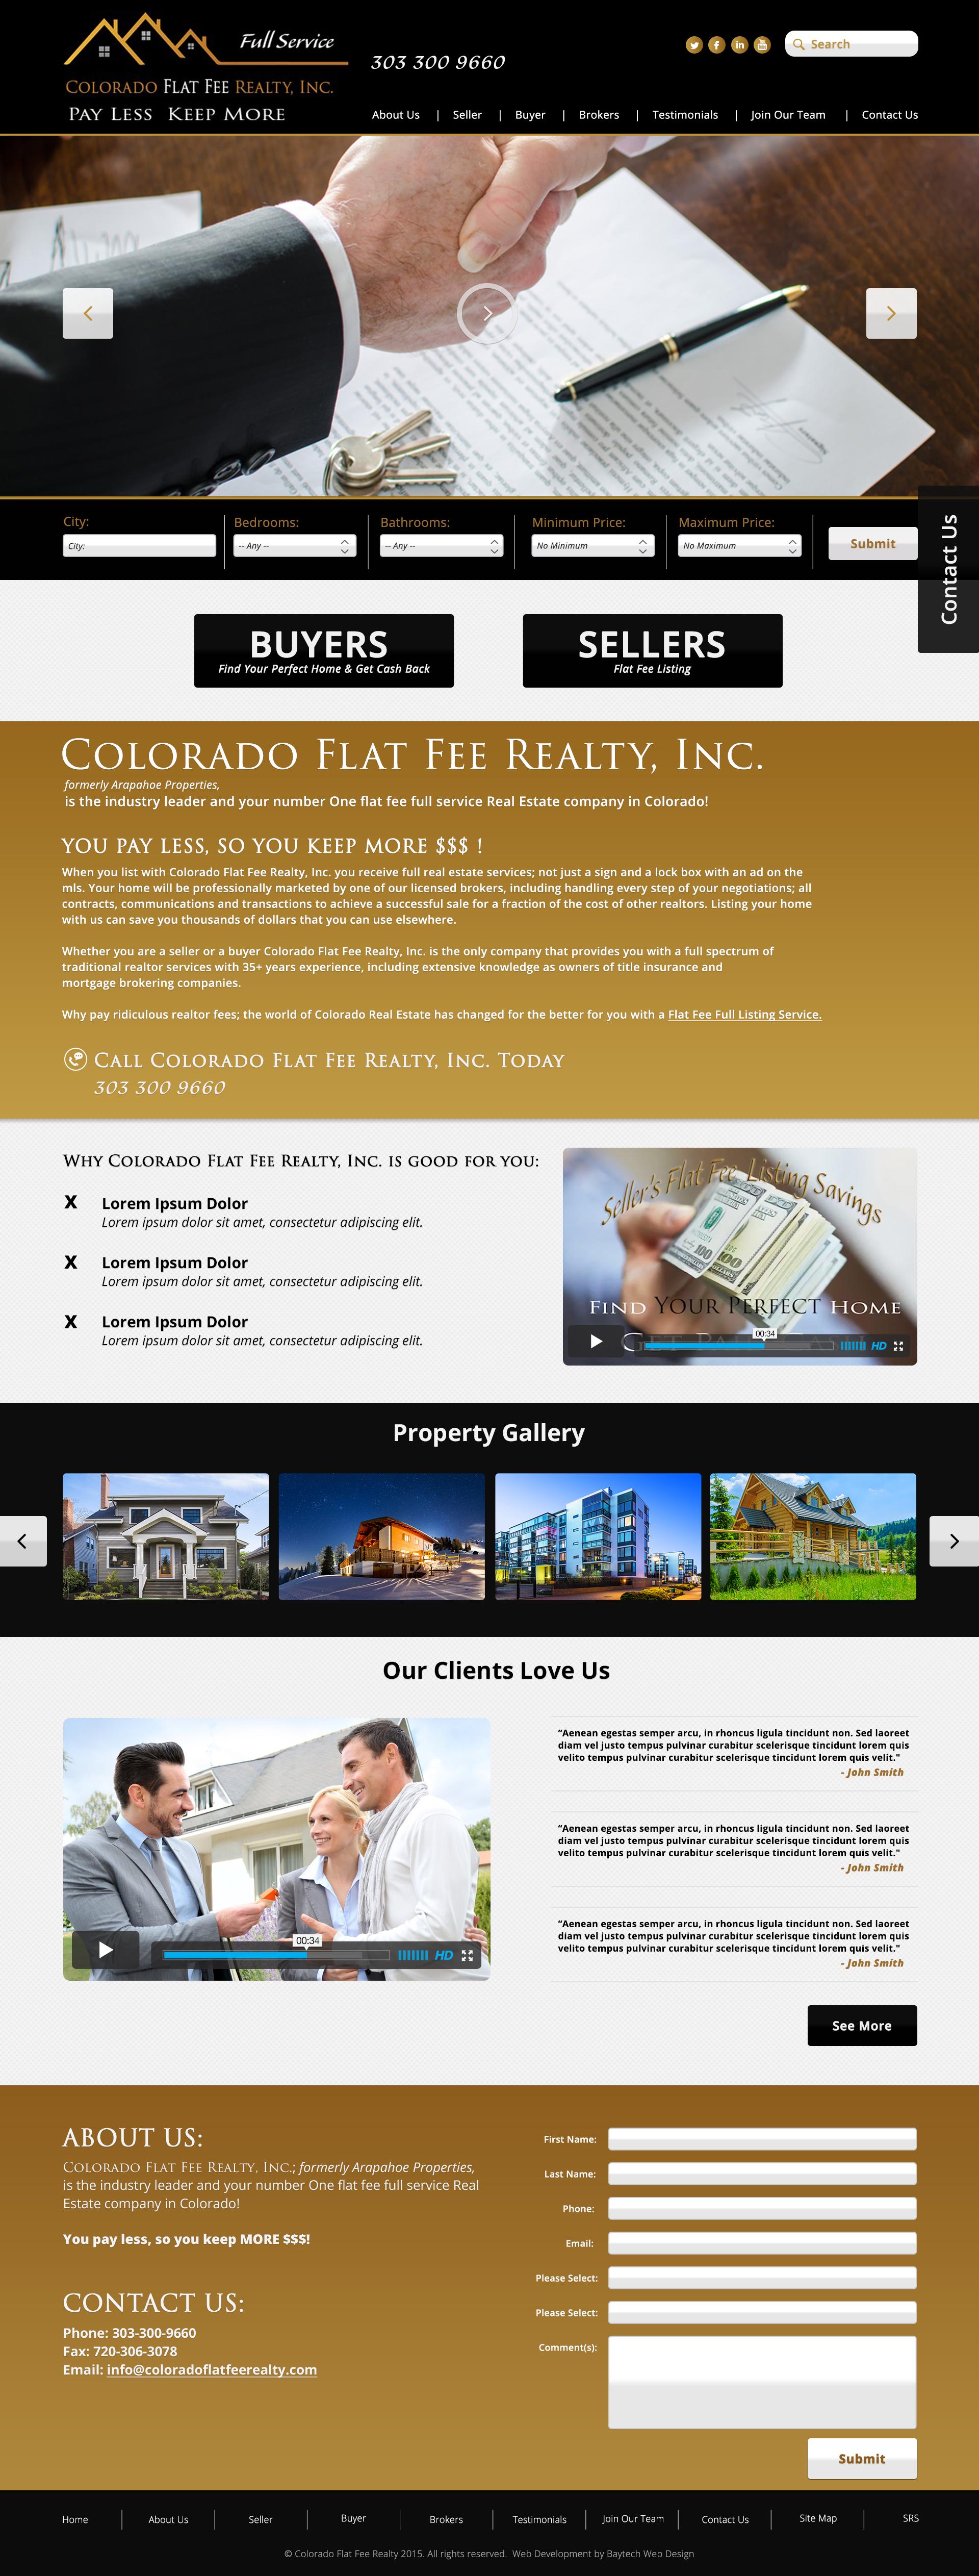 Homepage_COFlatFee_Rd7,2.13.15.jpg